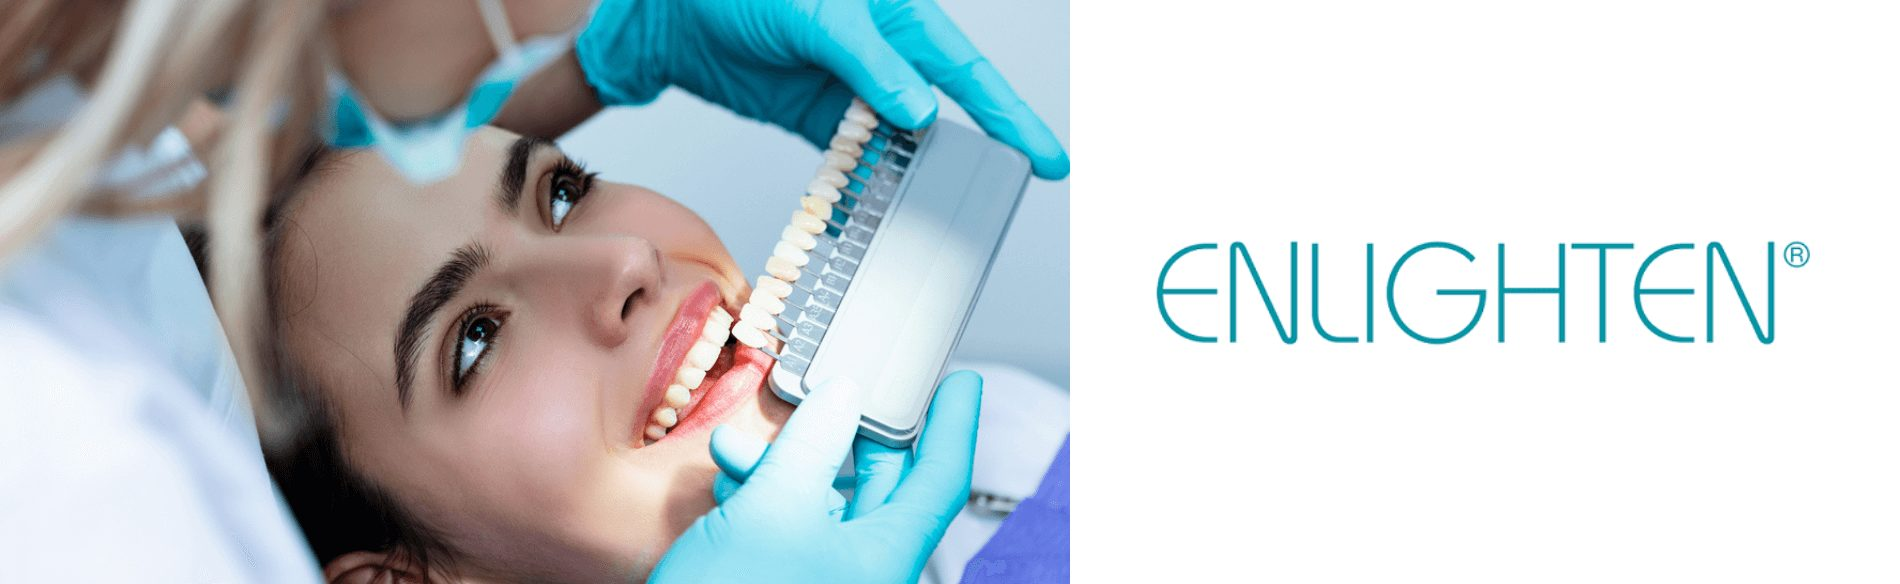 Enlighten whitening at Kiln Lane Dental